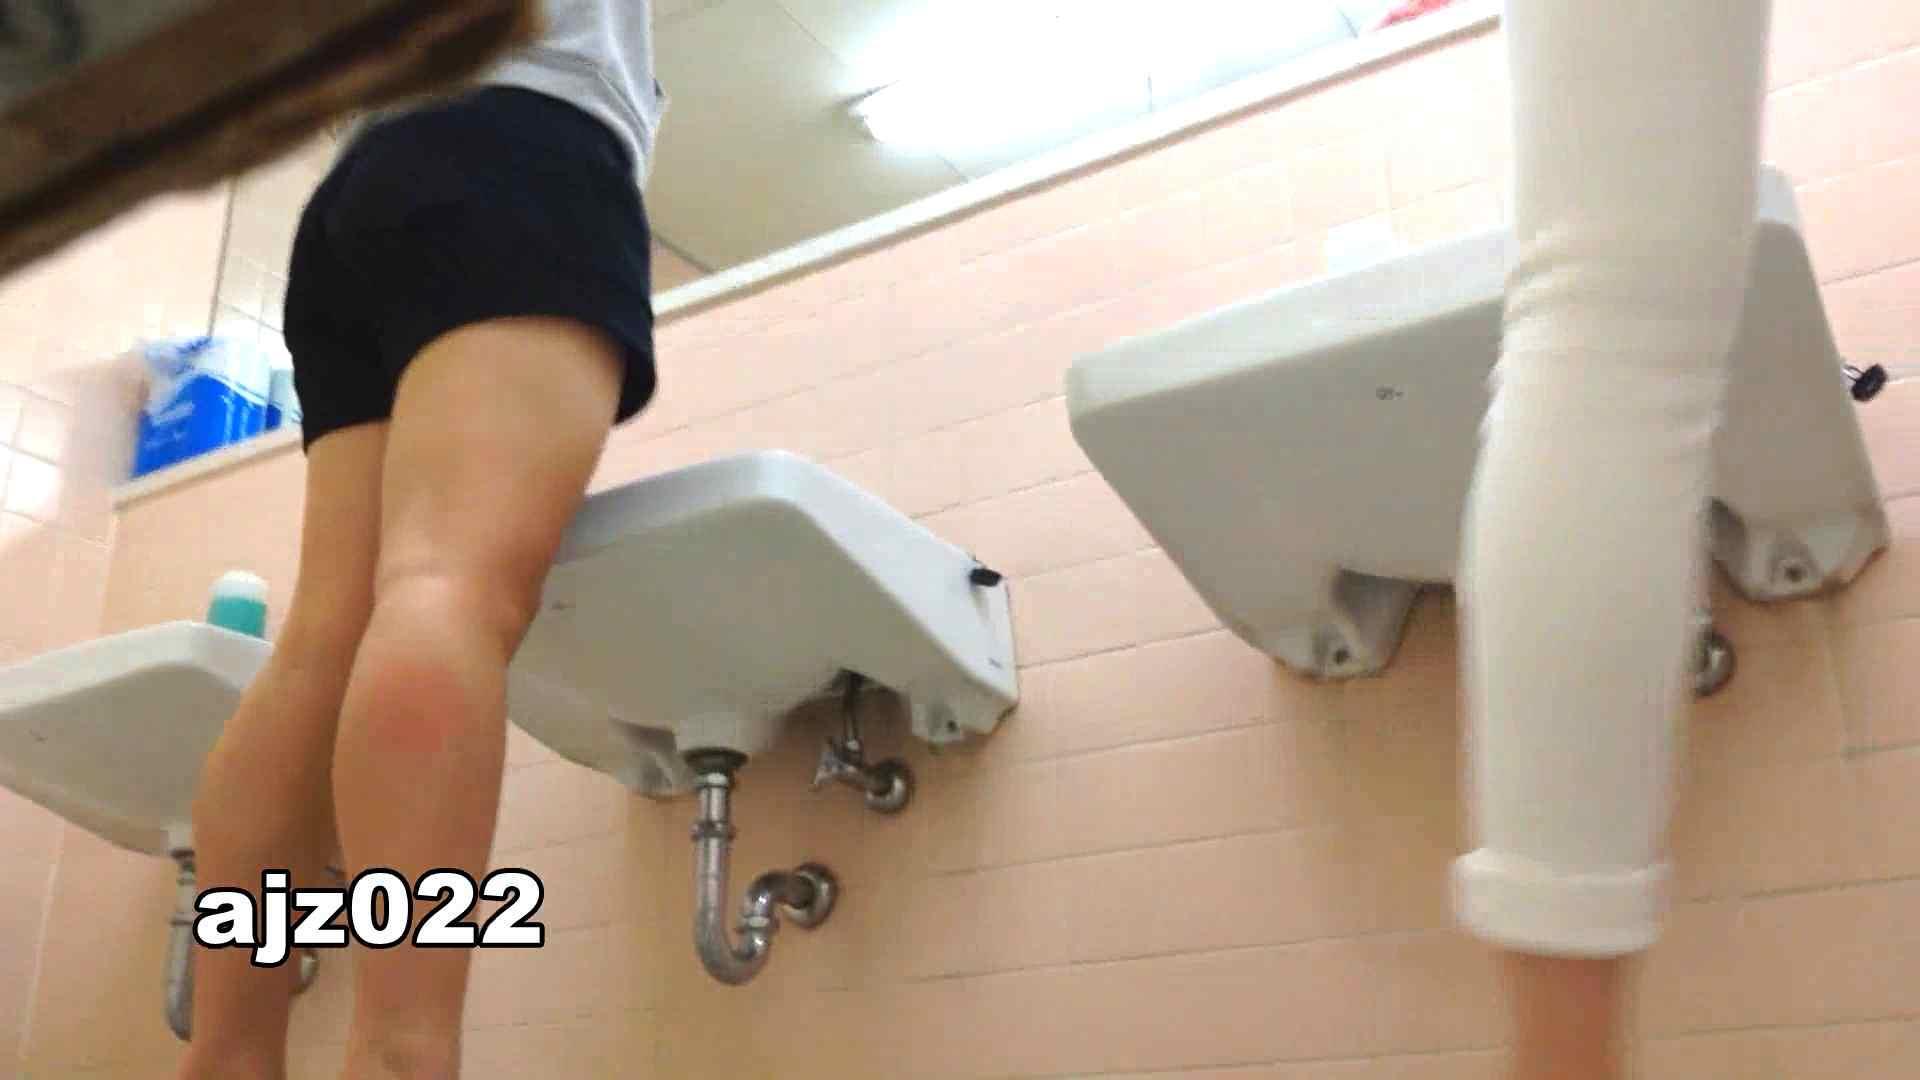 某有名大学女性洗面所 vol.22 潜入 セックス画像 92枚 37